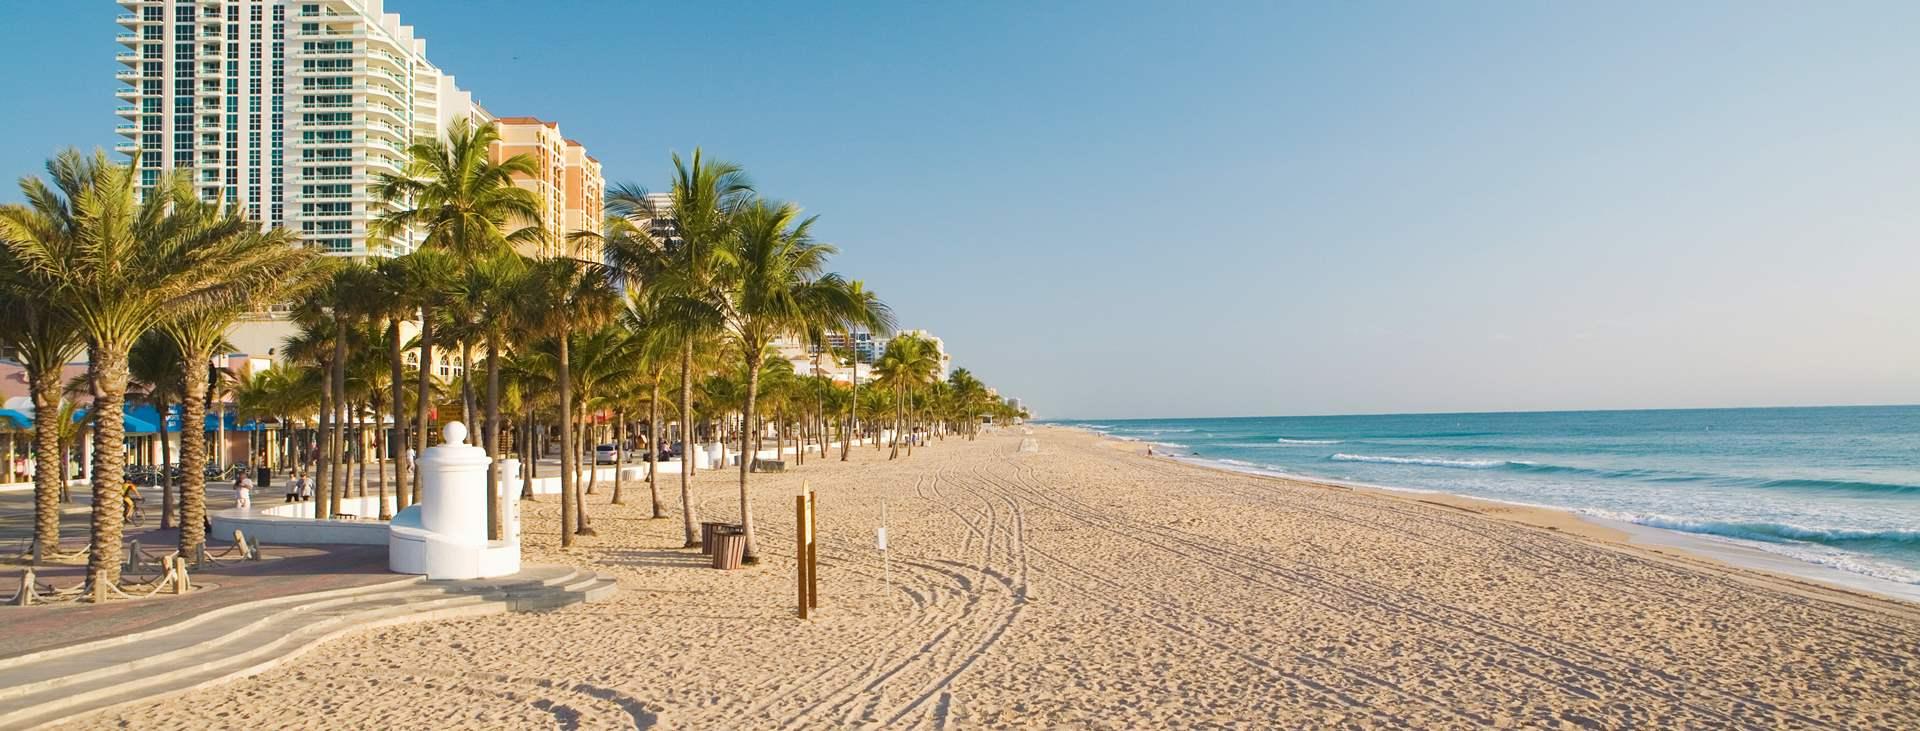 Bestill en reise til Fort Lauderdale i Florida – opplev USA med Ving